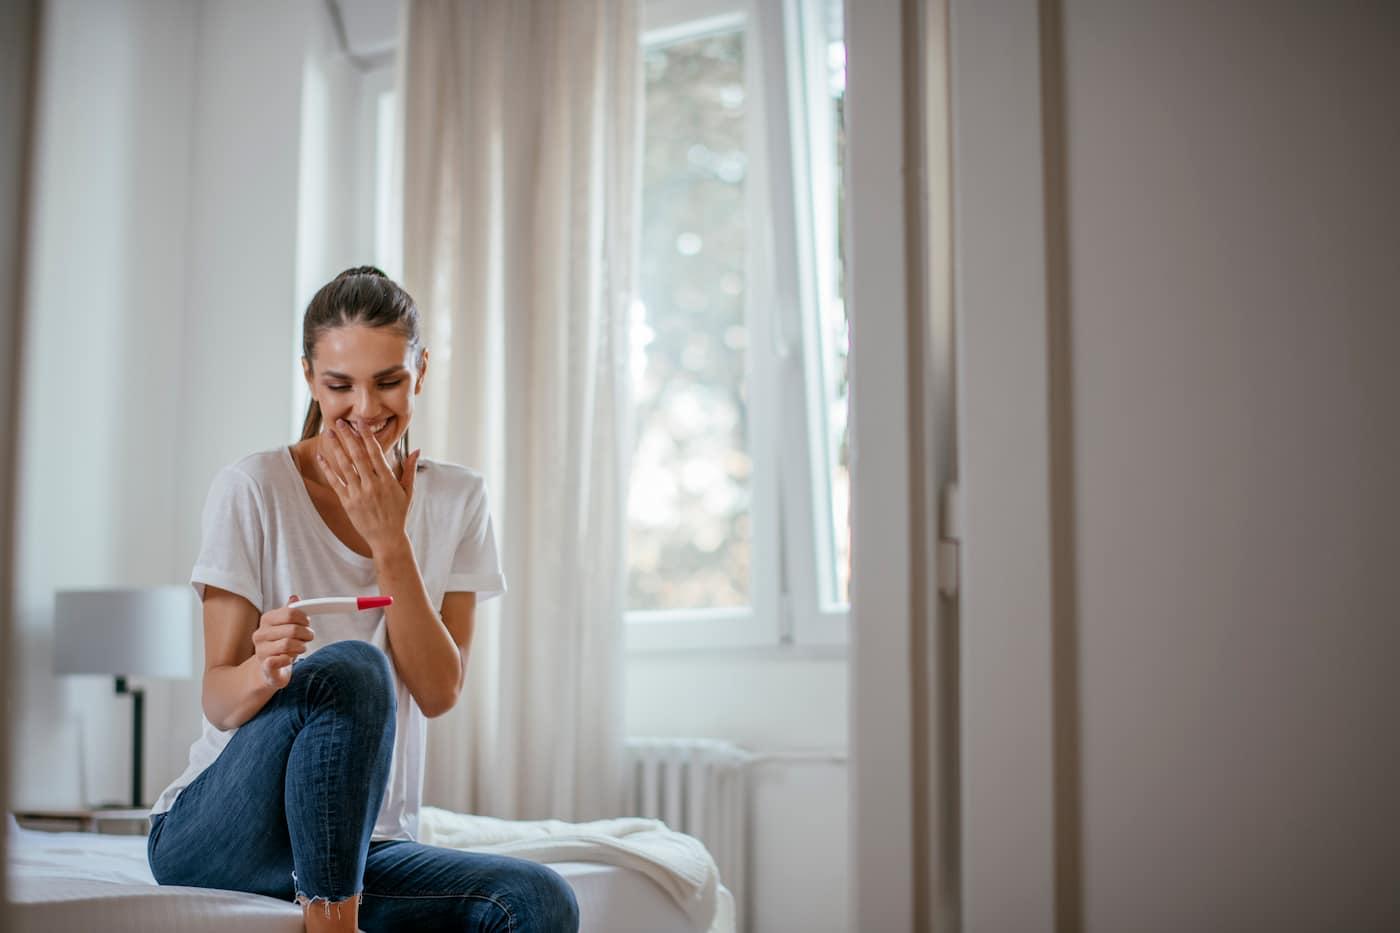 Tεστ εγκυμοσύνης – Πότε πρέπει να το κάνεις να σου δώσει το πιο έγκυρο αποτέλεσμα